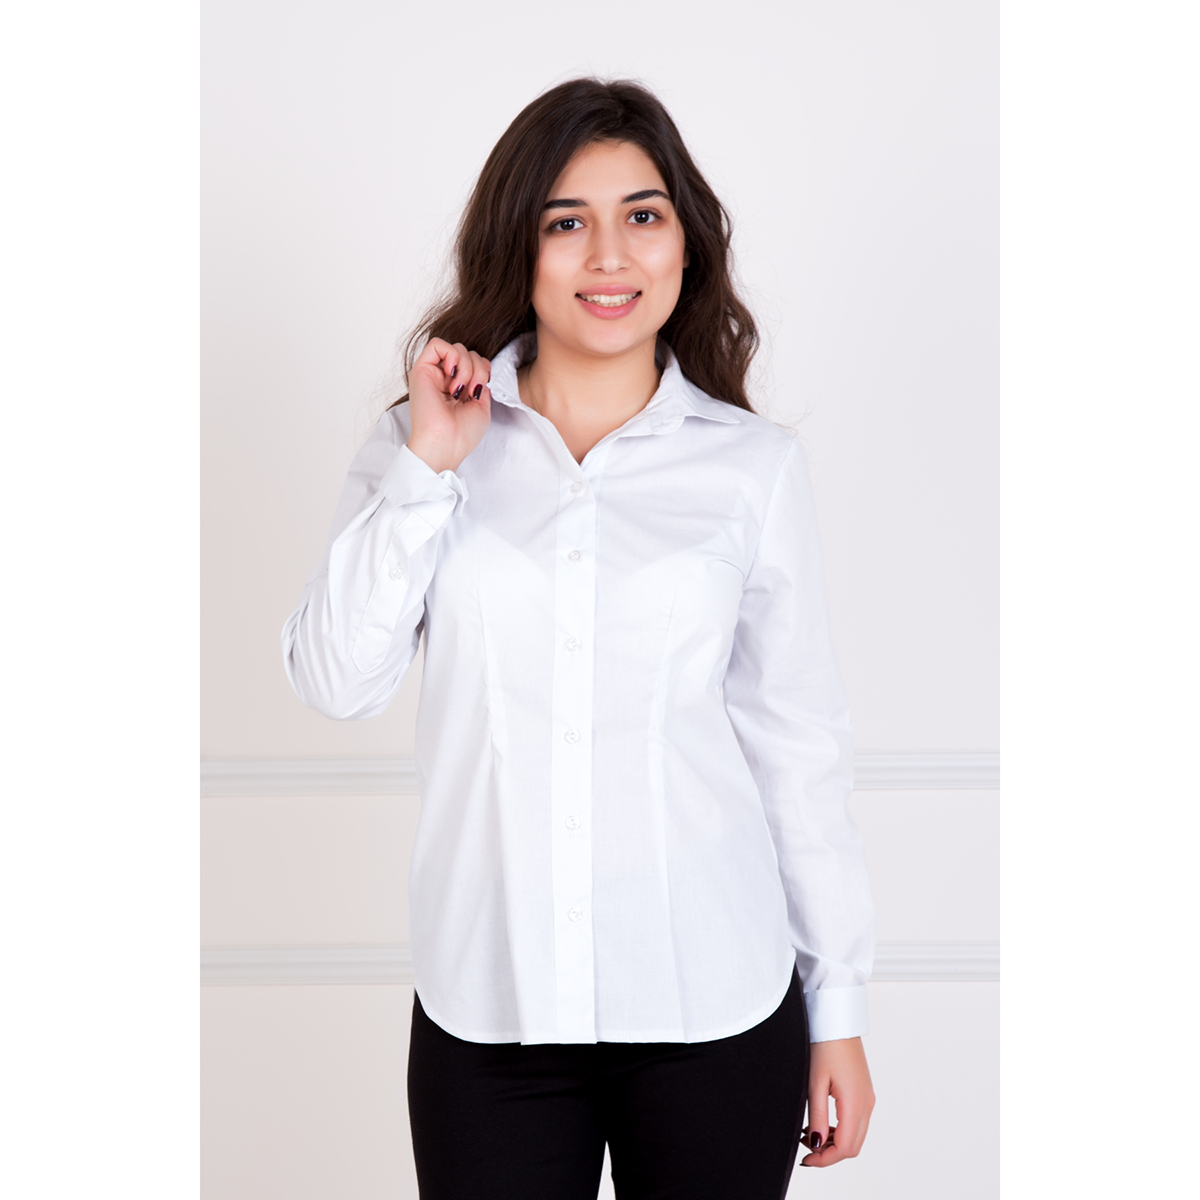 Женская рубашка  Герда , размер 54 - Женская одежда артикул: 24617